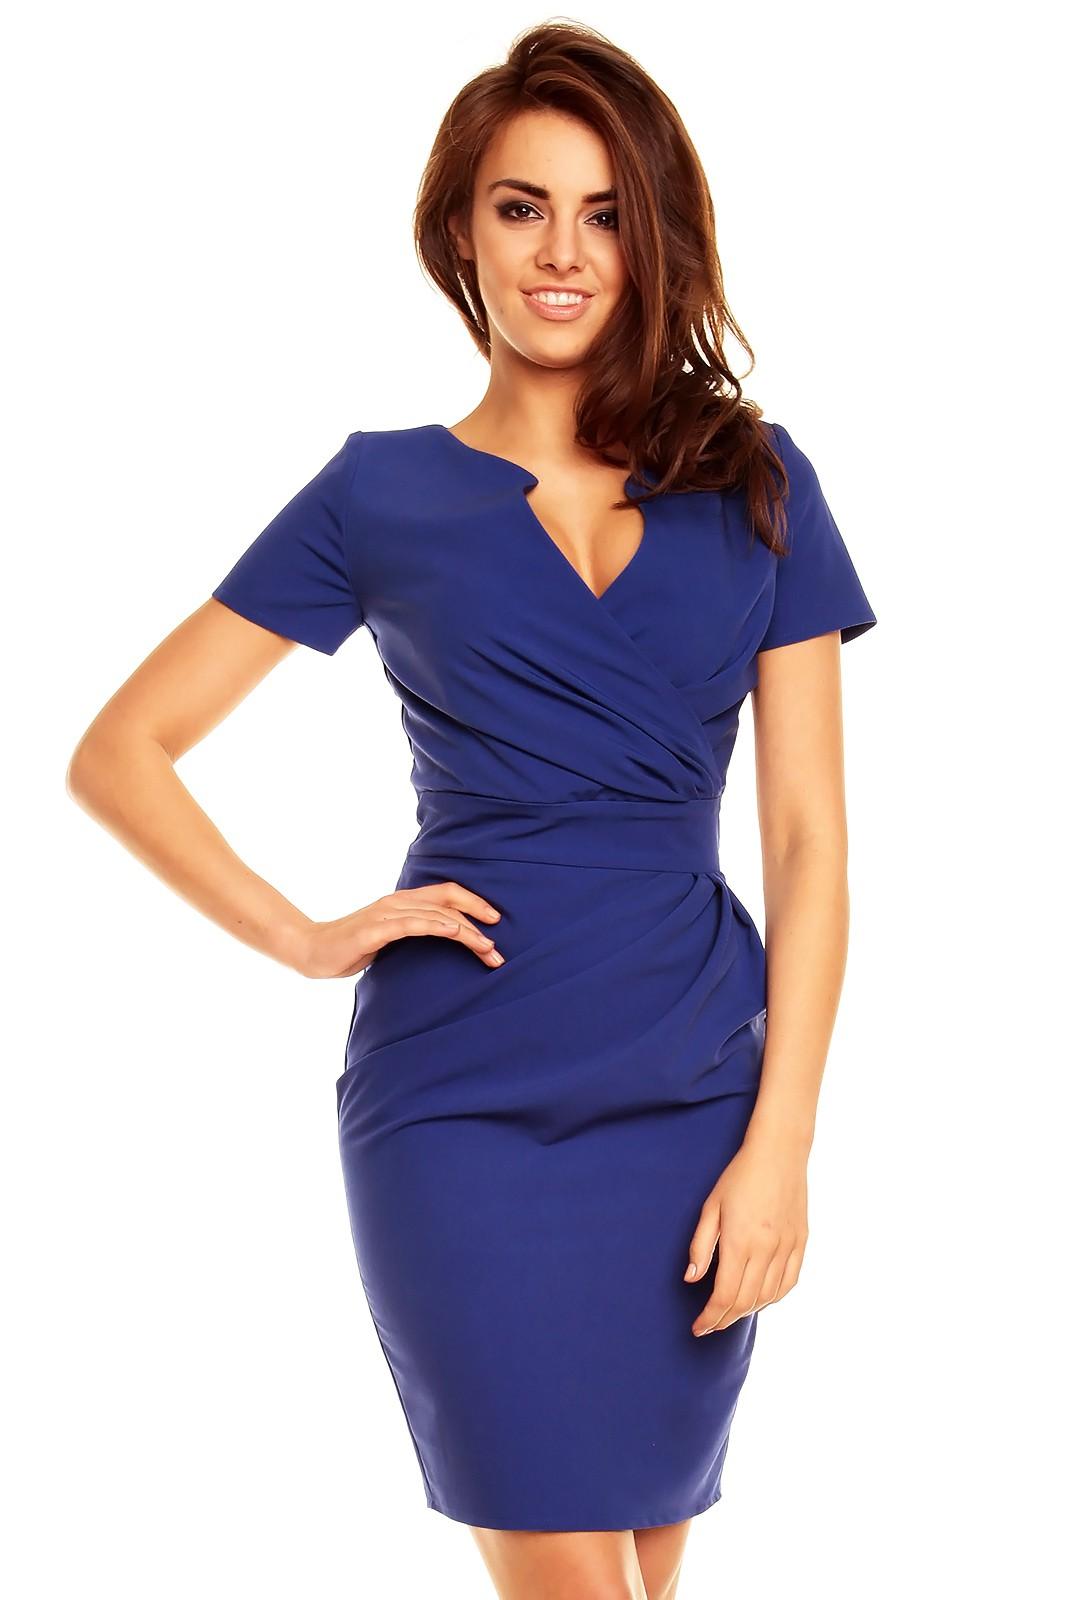 92bdec1e646b KARTES MODA šaty dámské KM56 s obálkovým výstřihem modré - Glami.cz